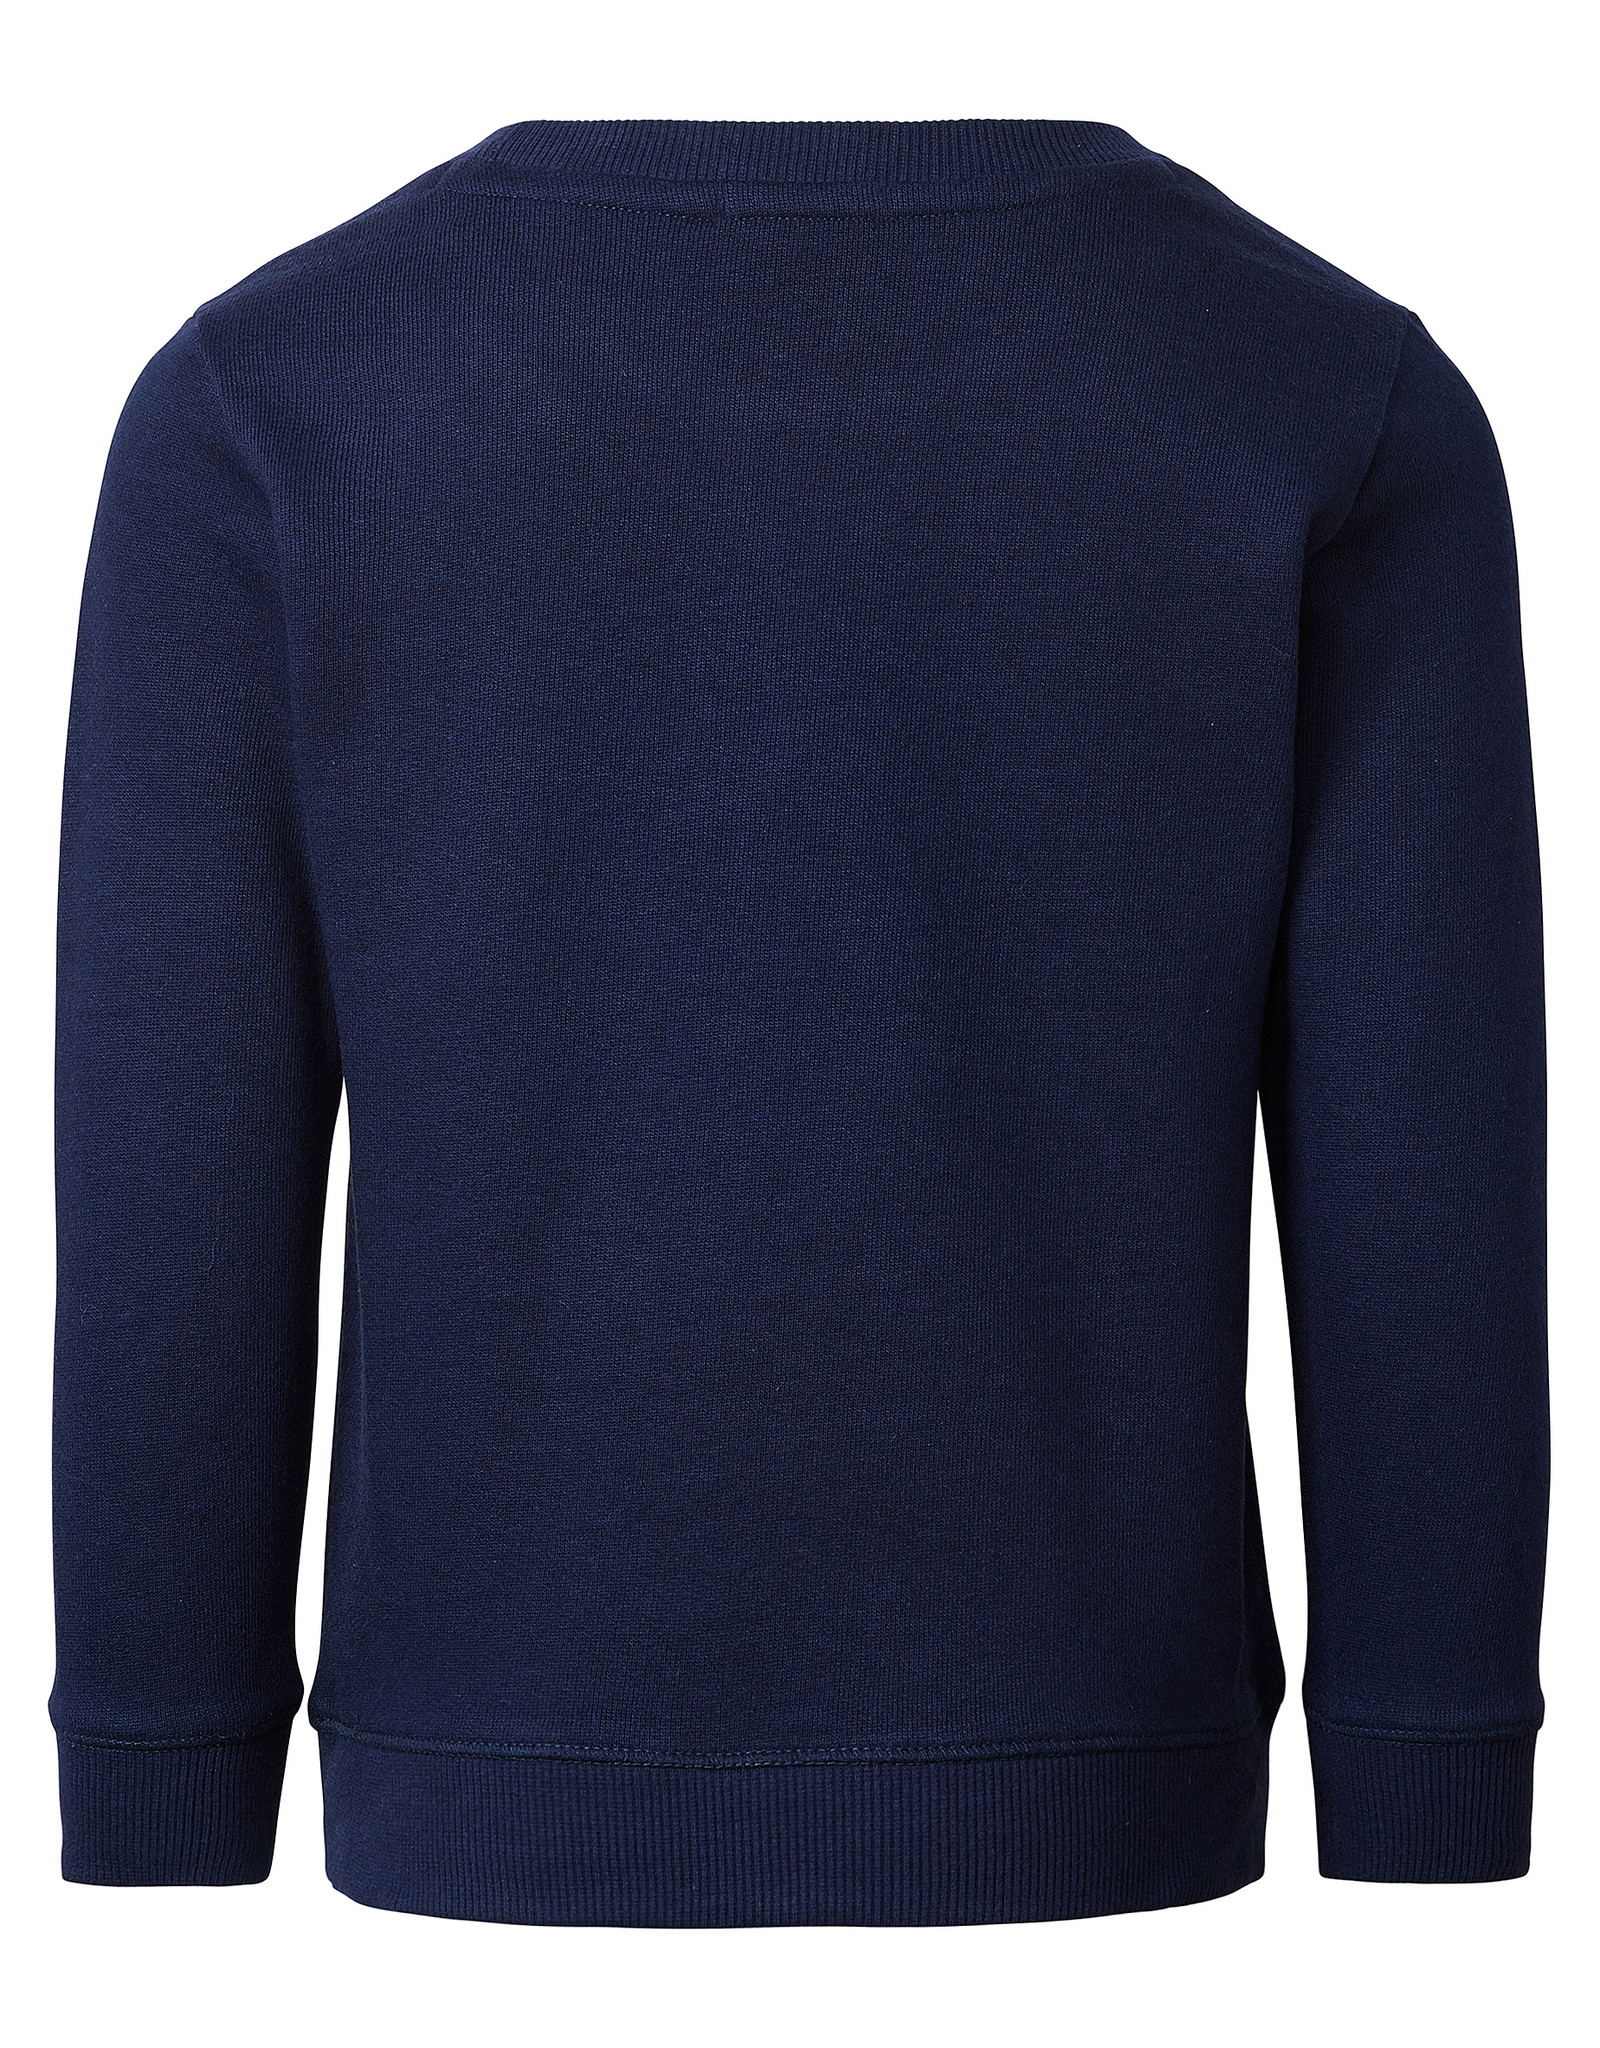 Noppies B Sweater ls Donnybrook, Peacoat